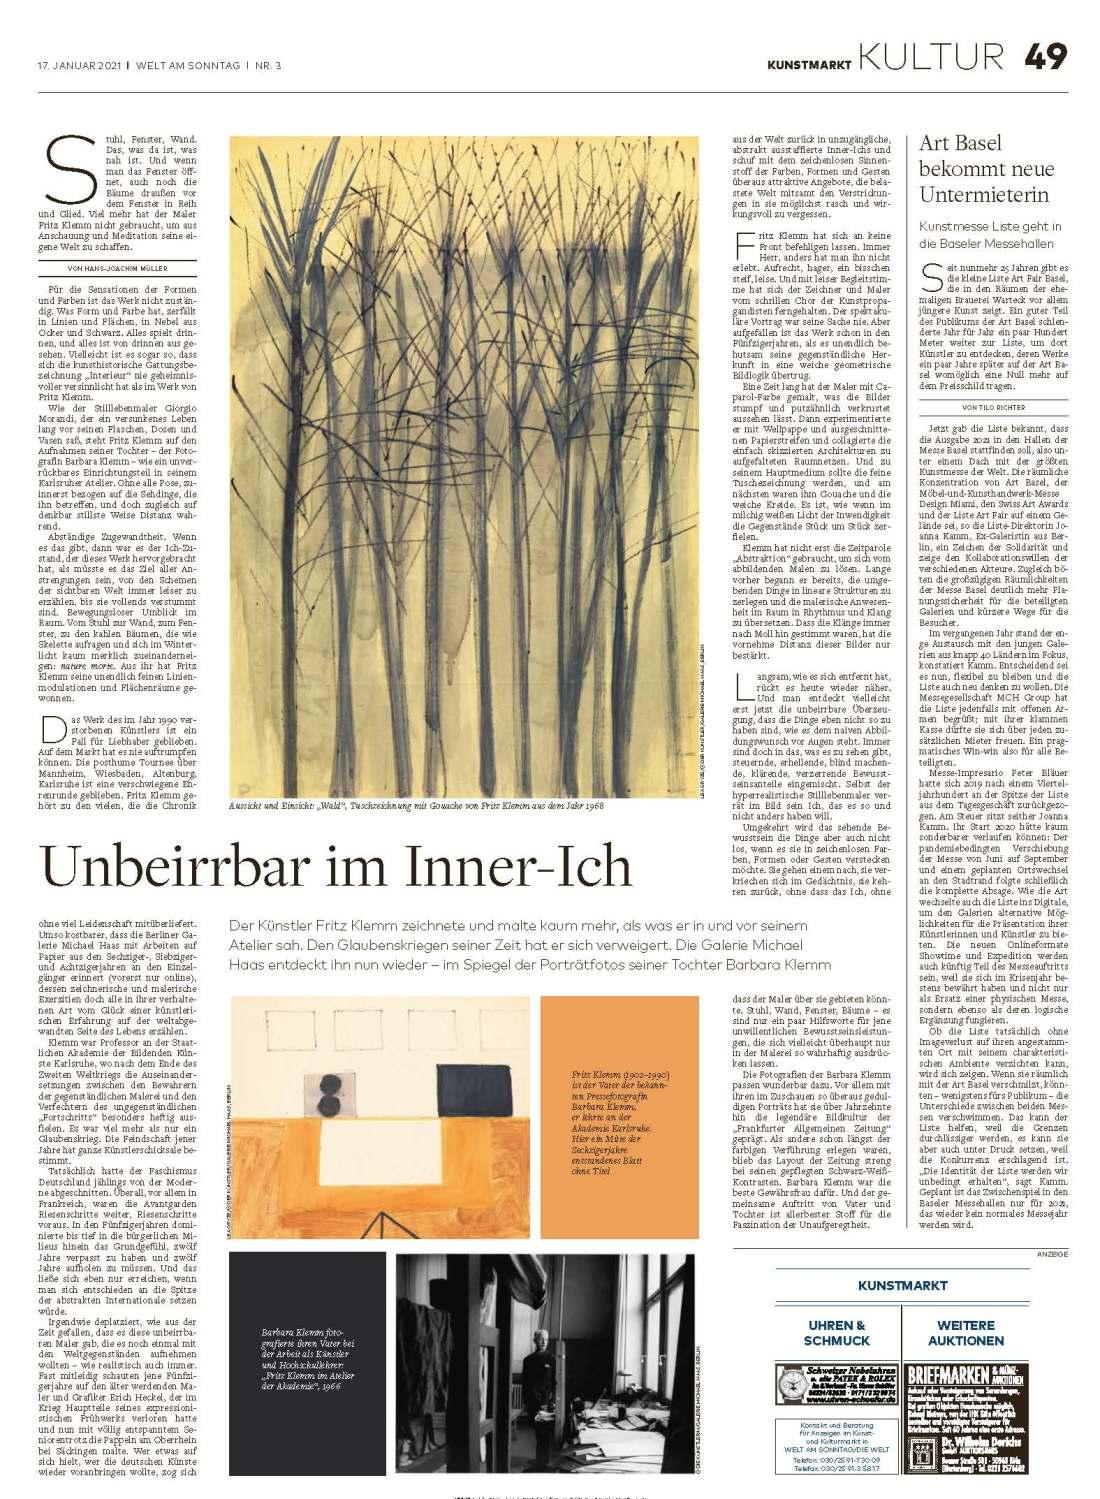 Welt am Sonntag, January 2021